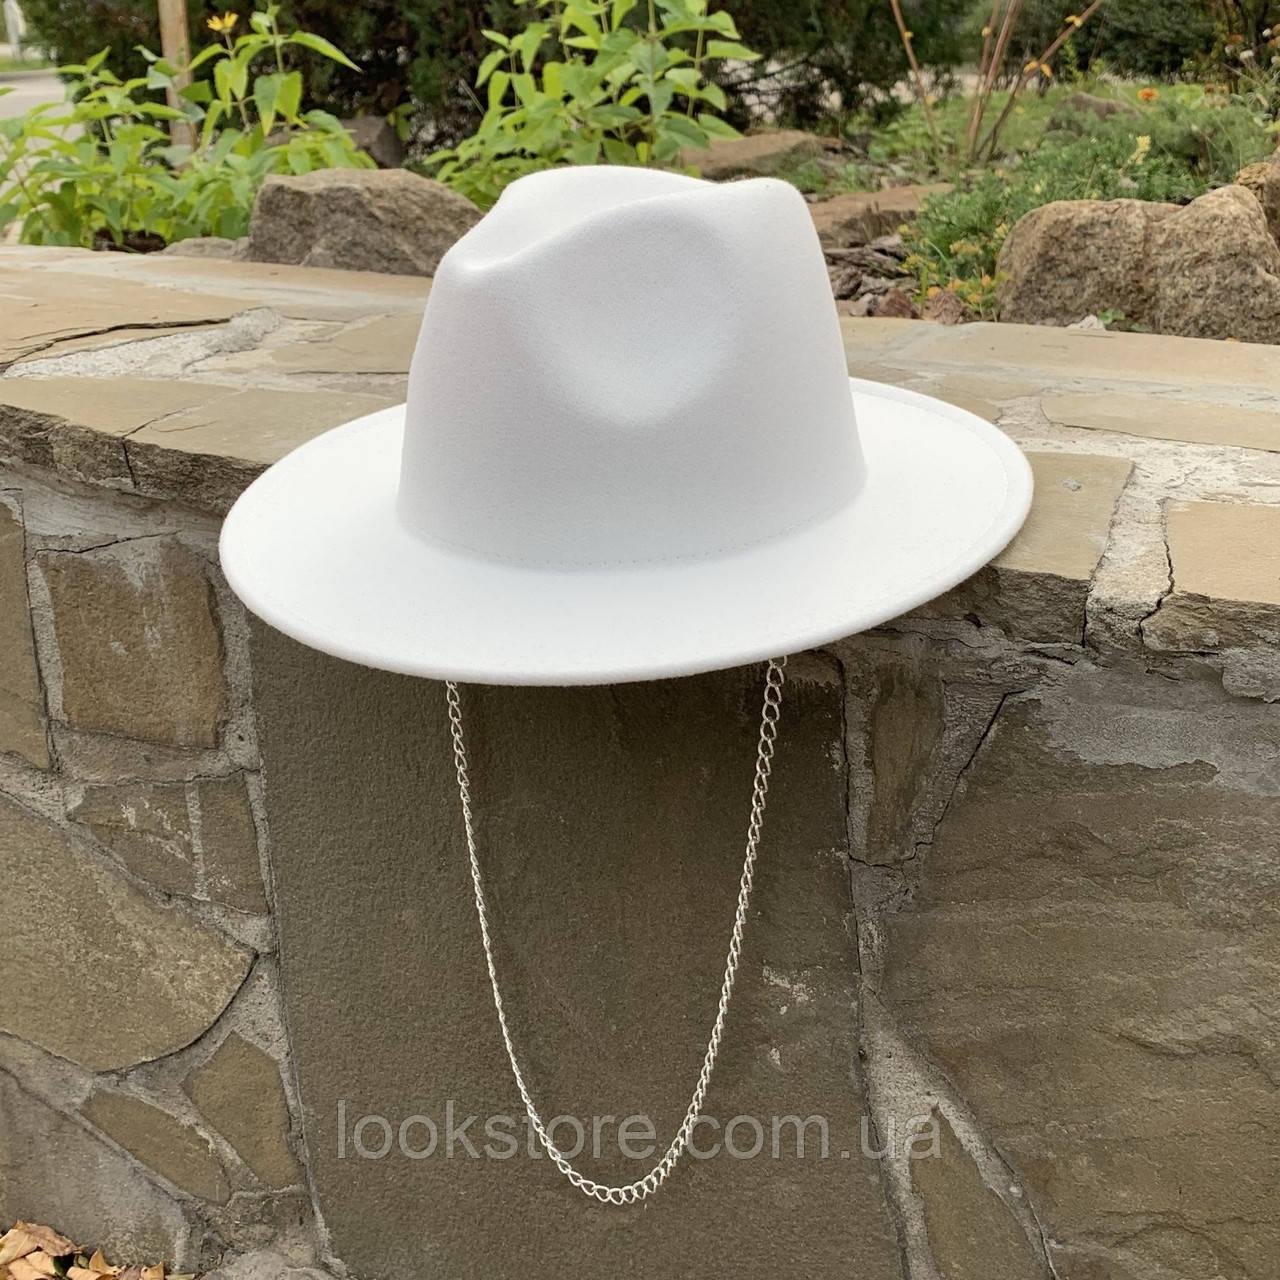 Шляпа Федора унисекс с устойчивыми полями с цепочкой белая